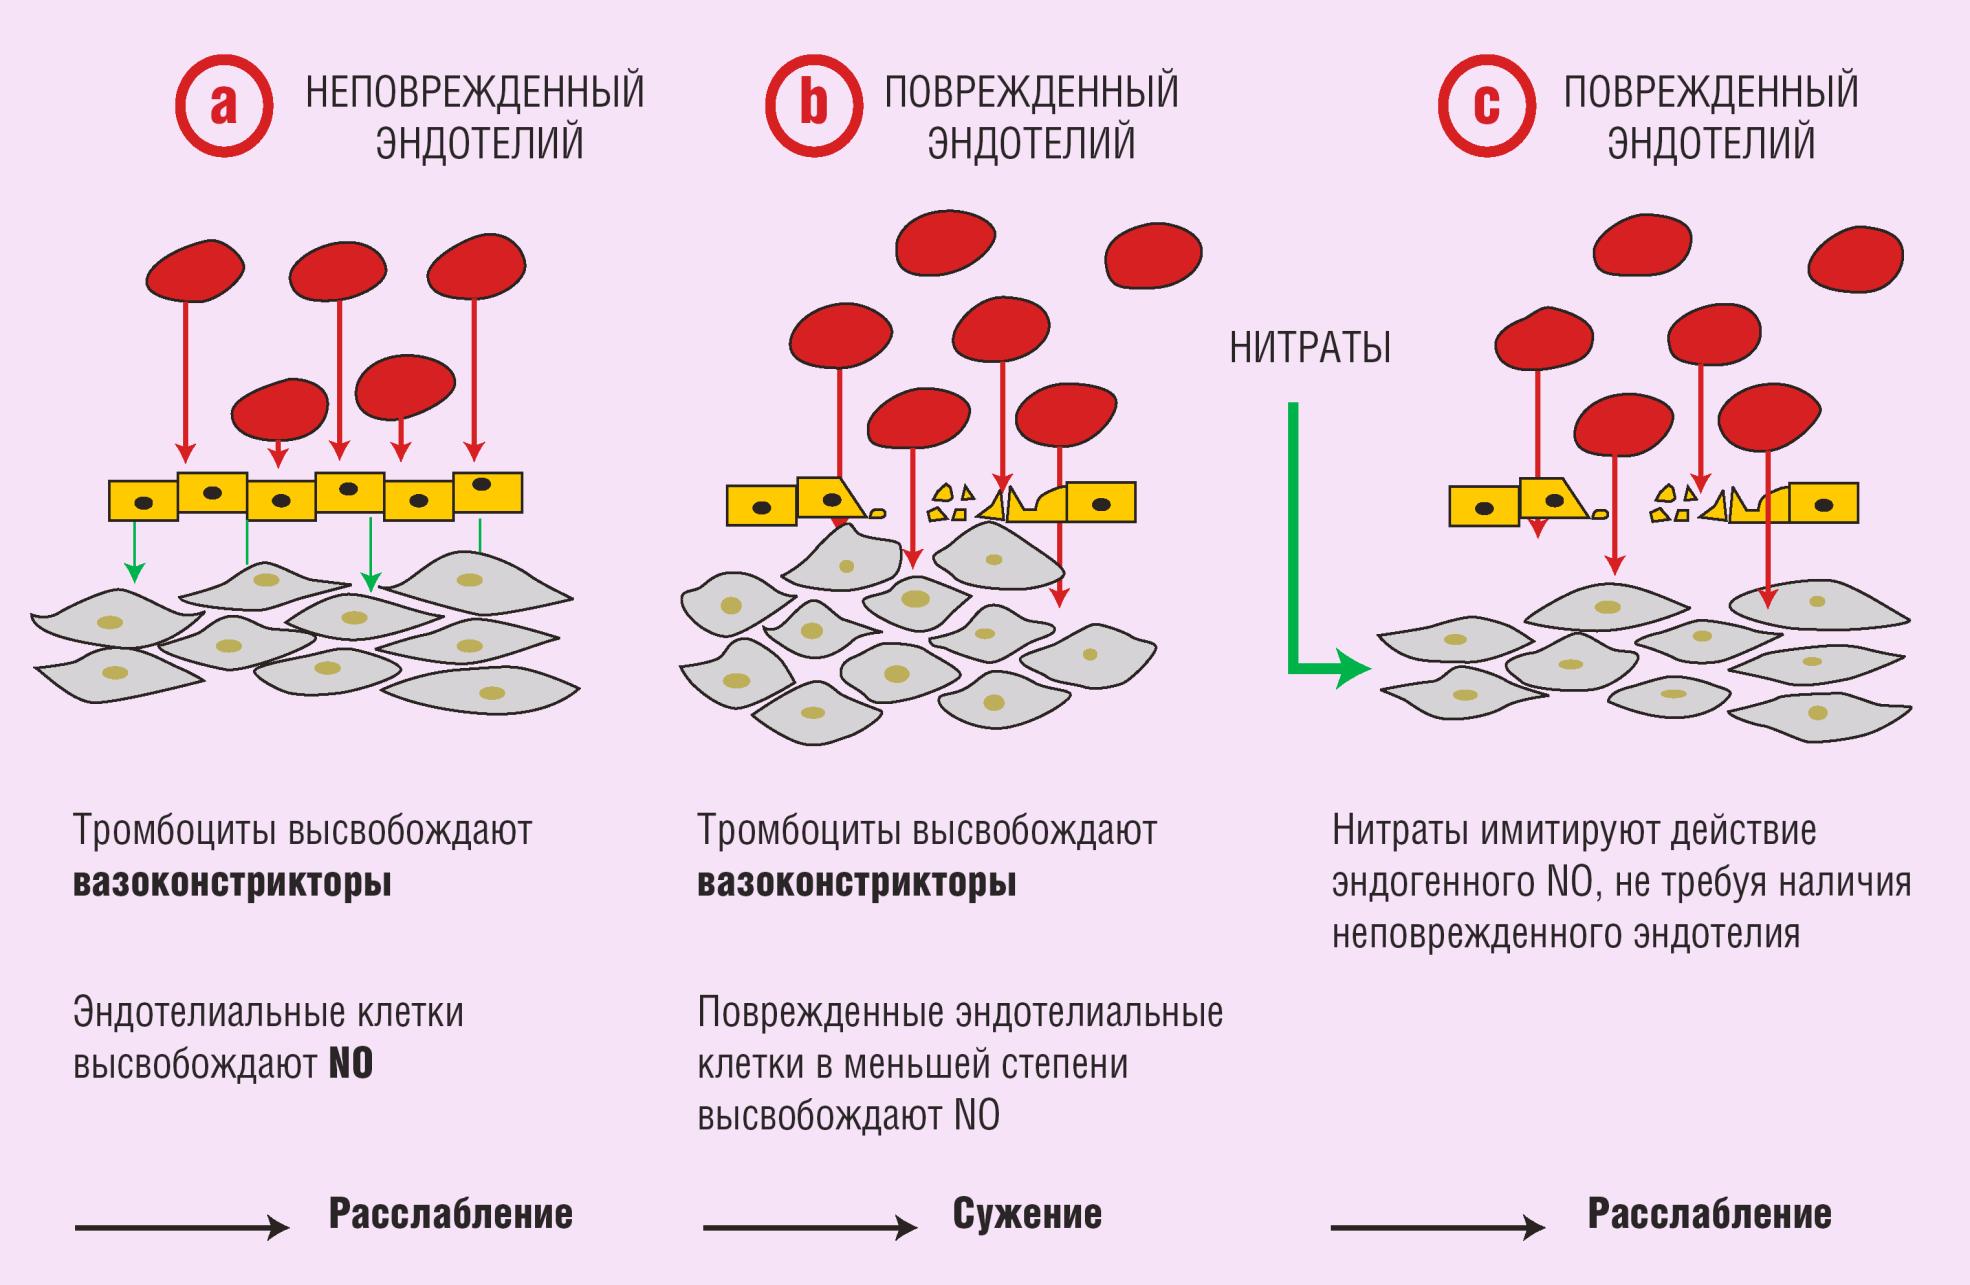 Механизм действия нитратов